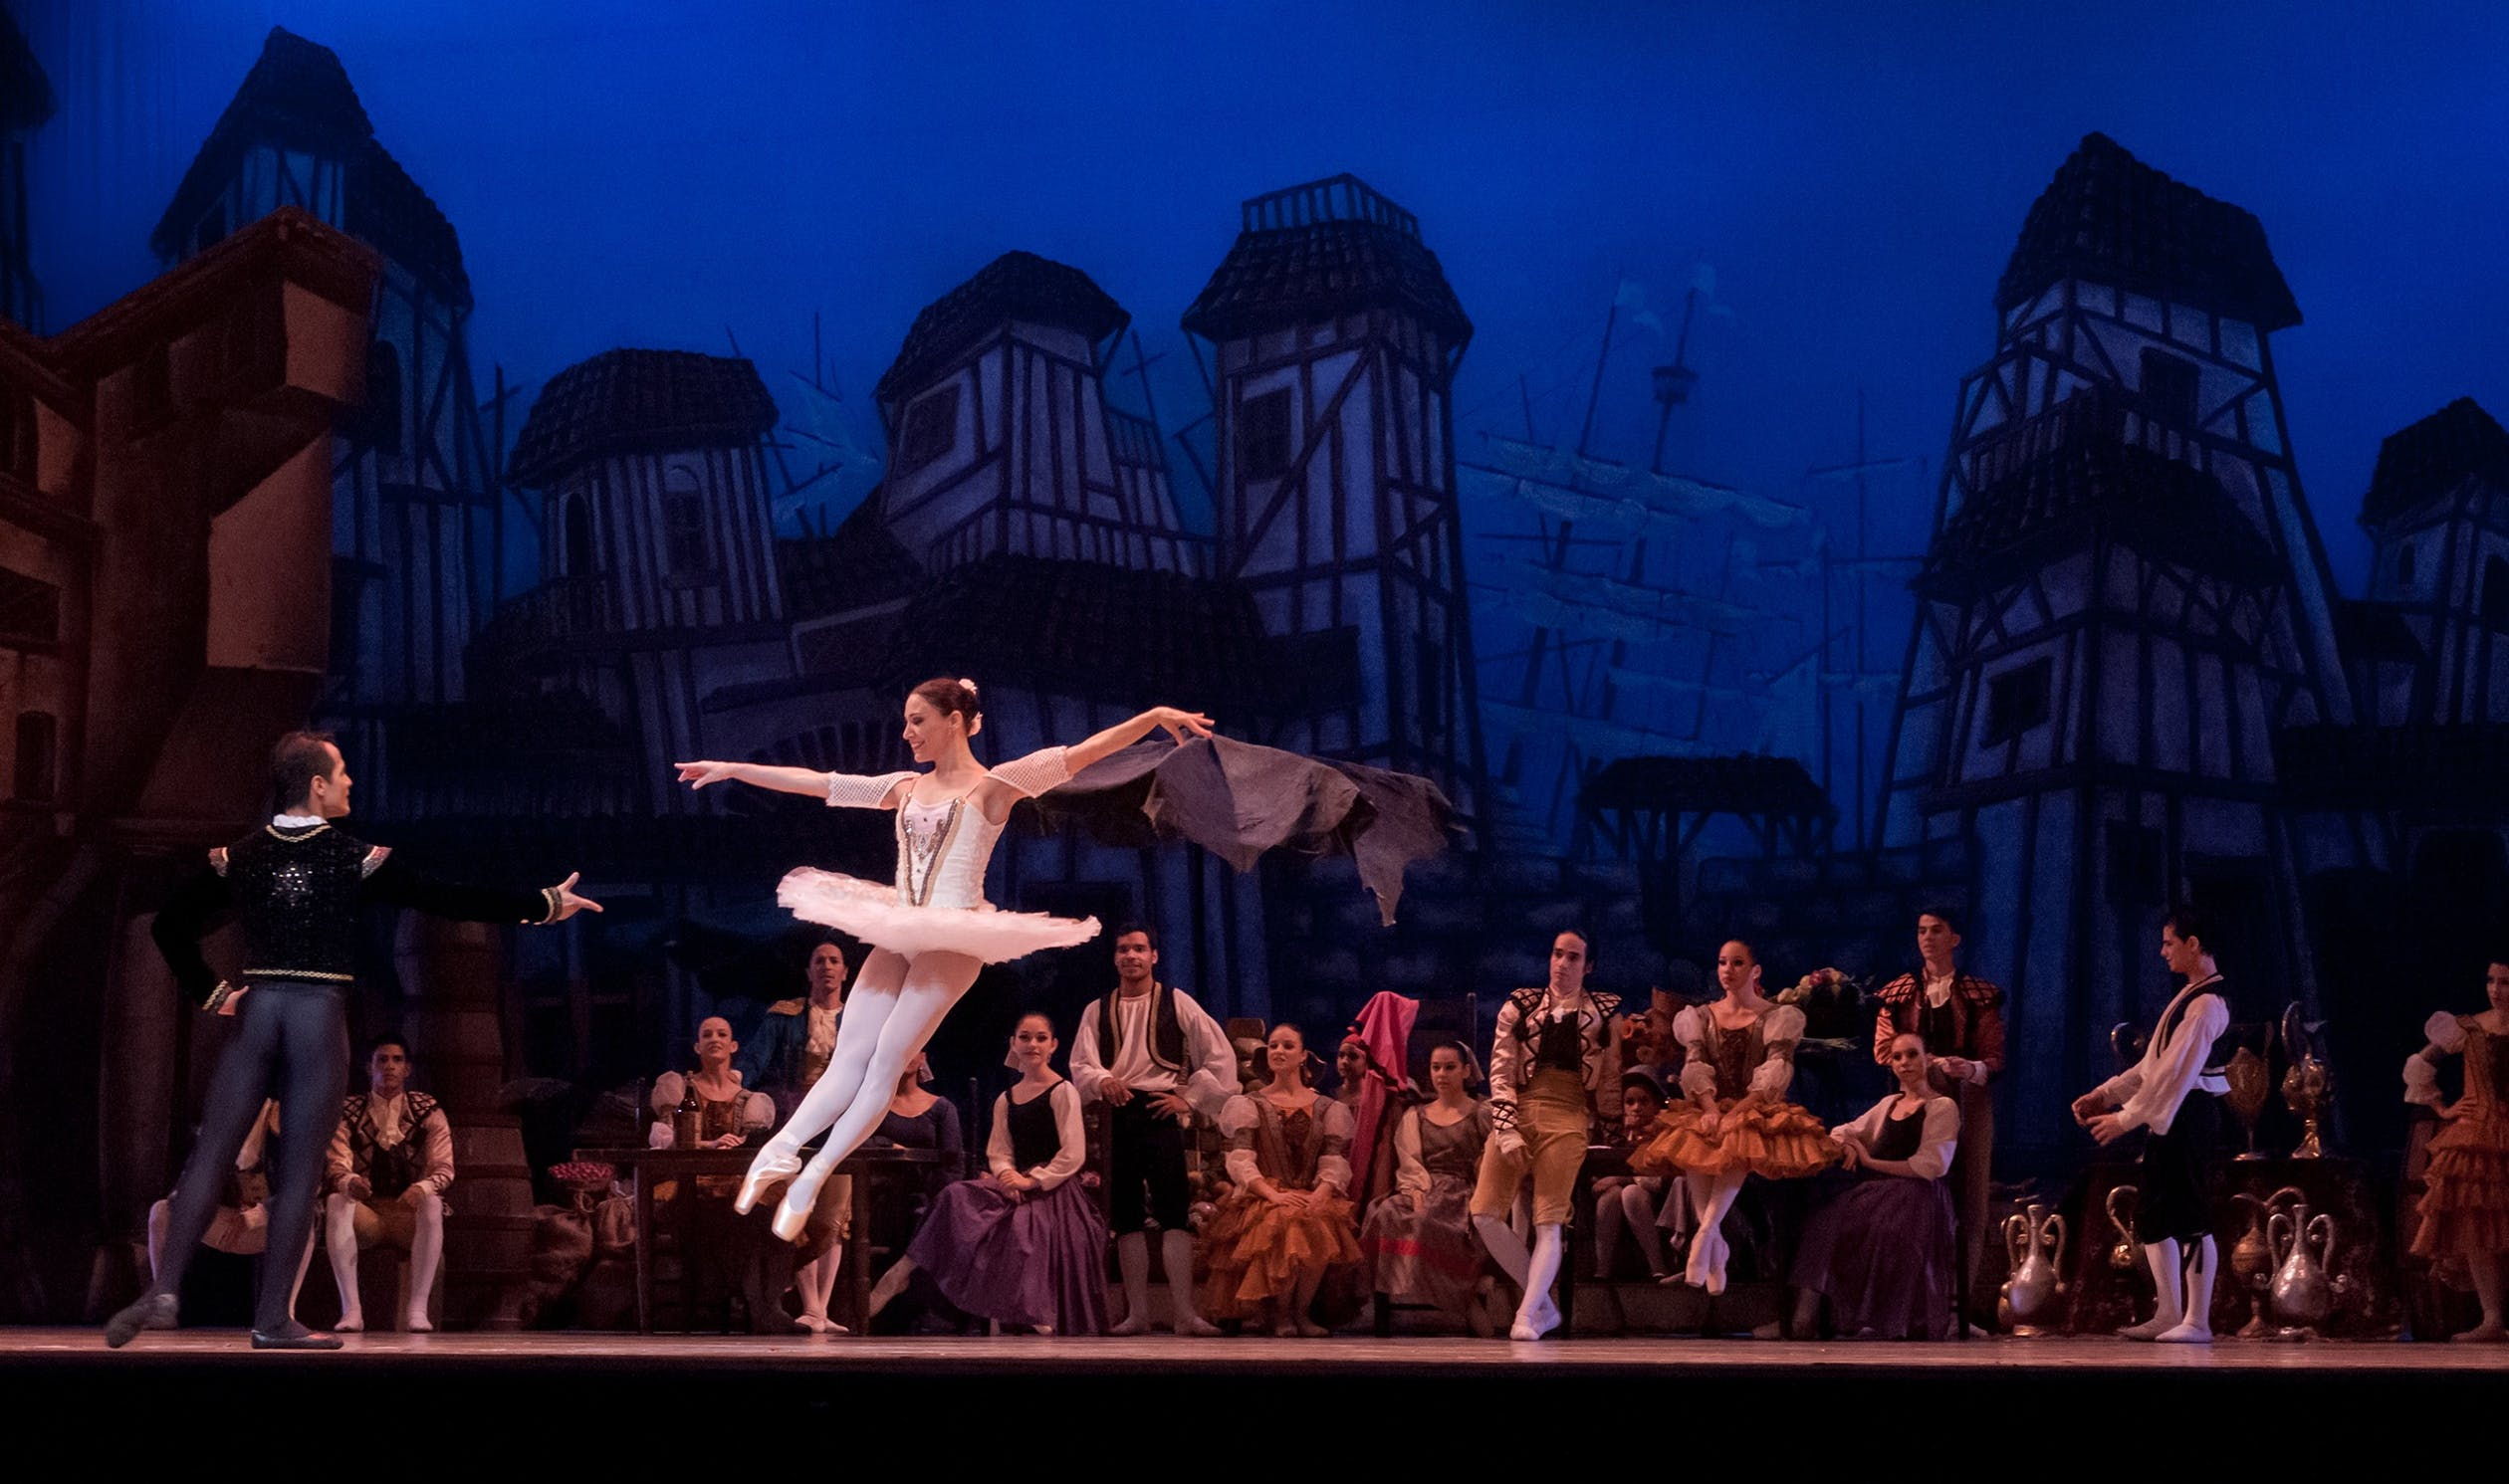 ballet-production-performance-don-quixote-45258